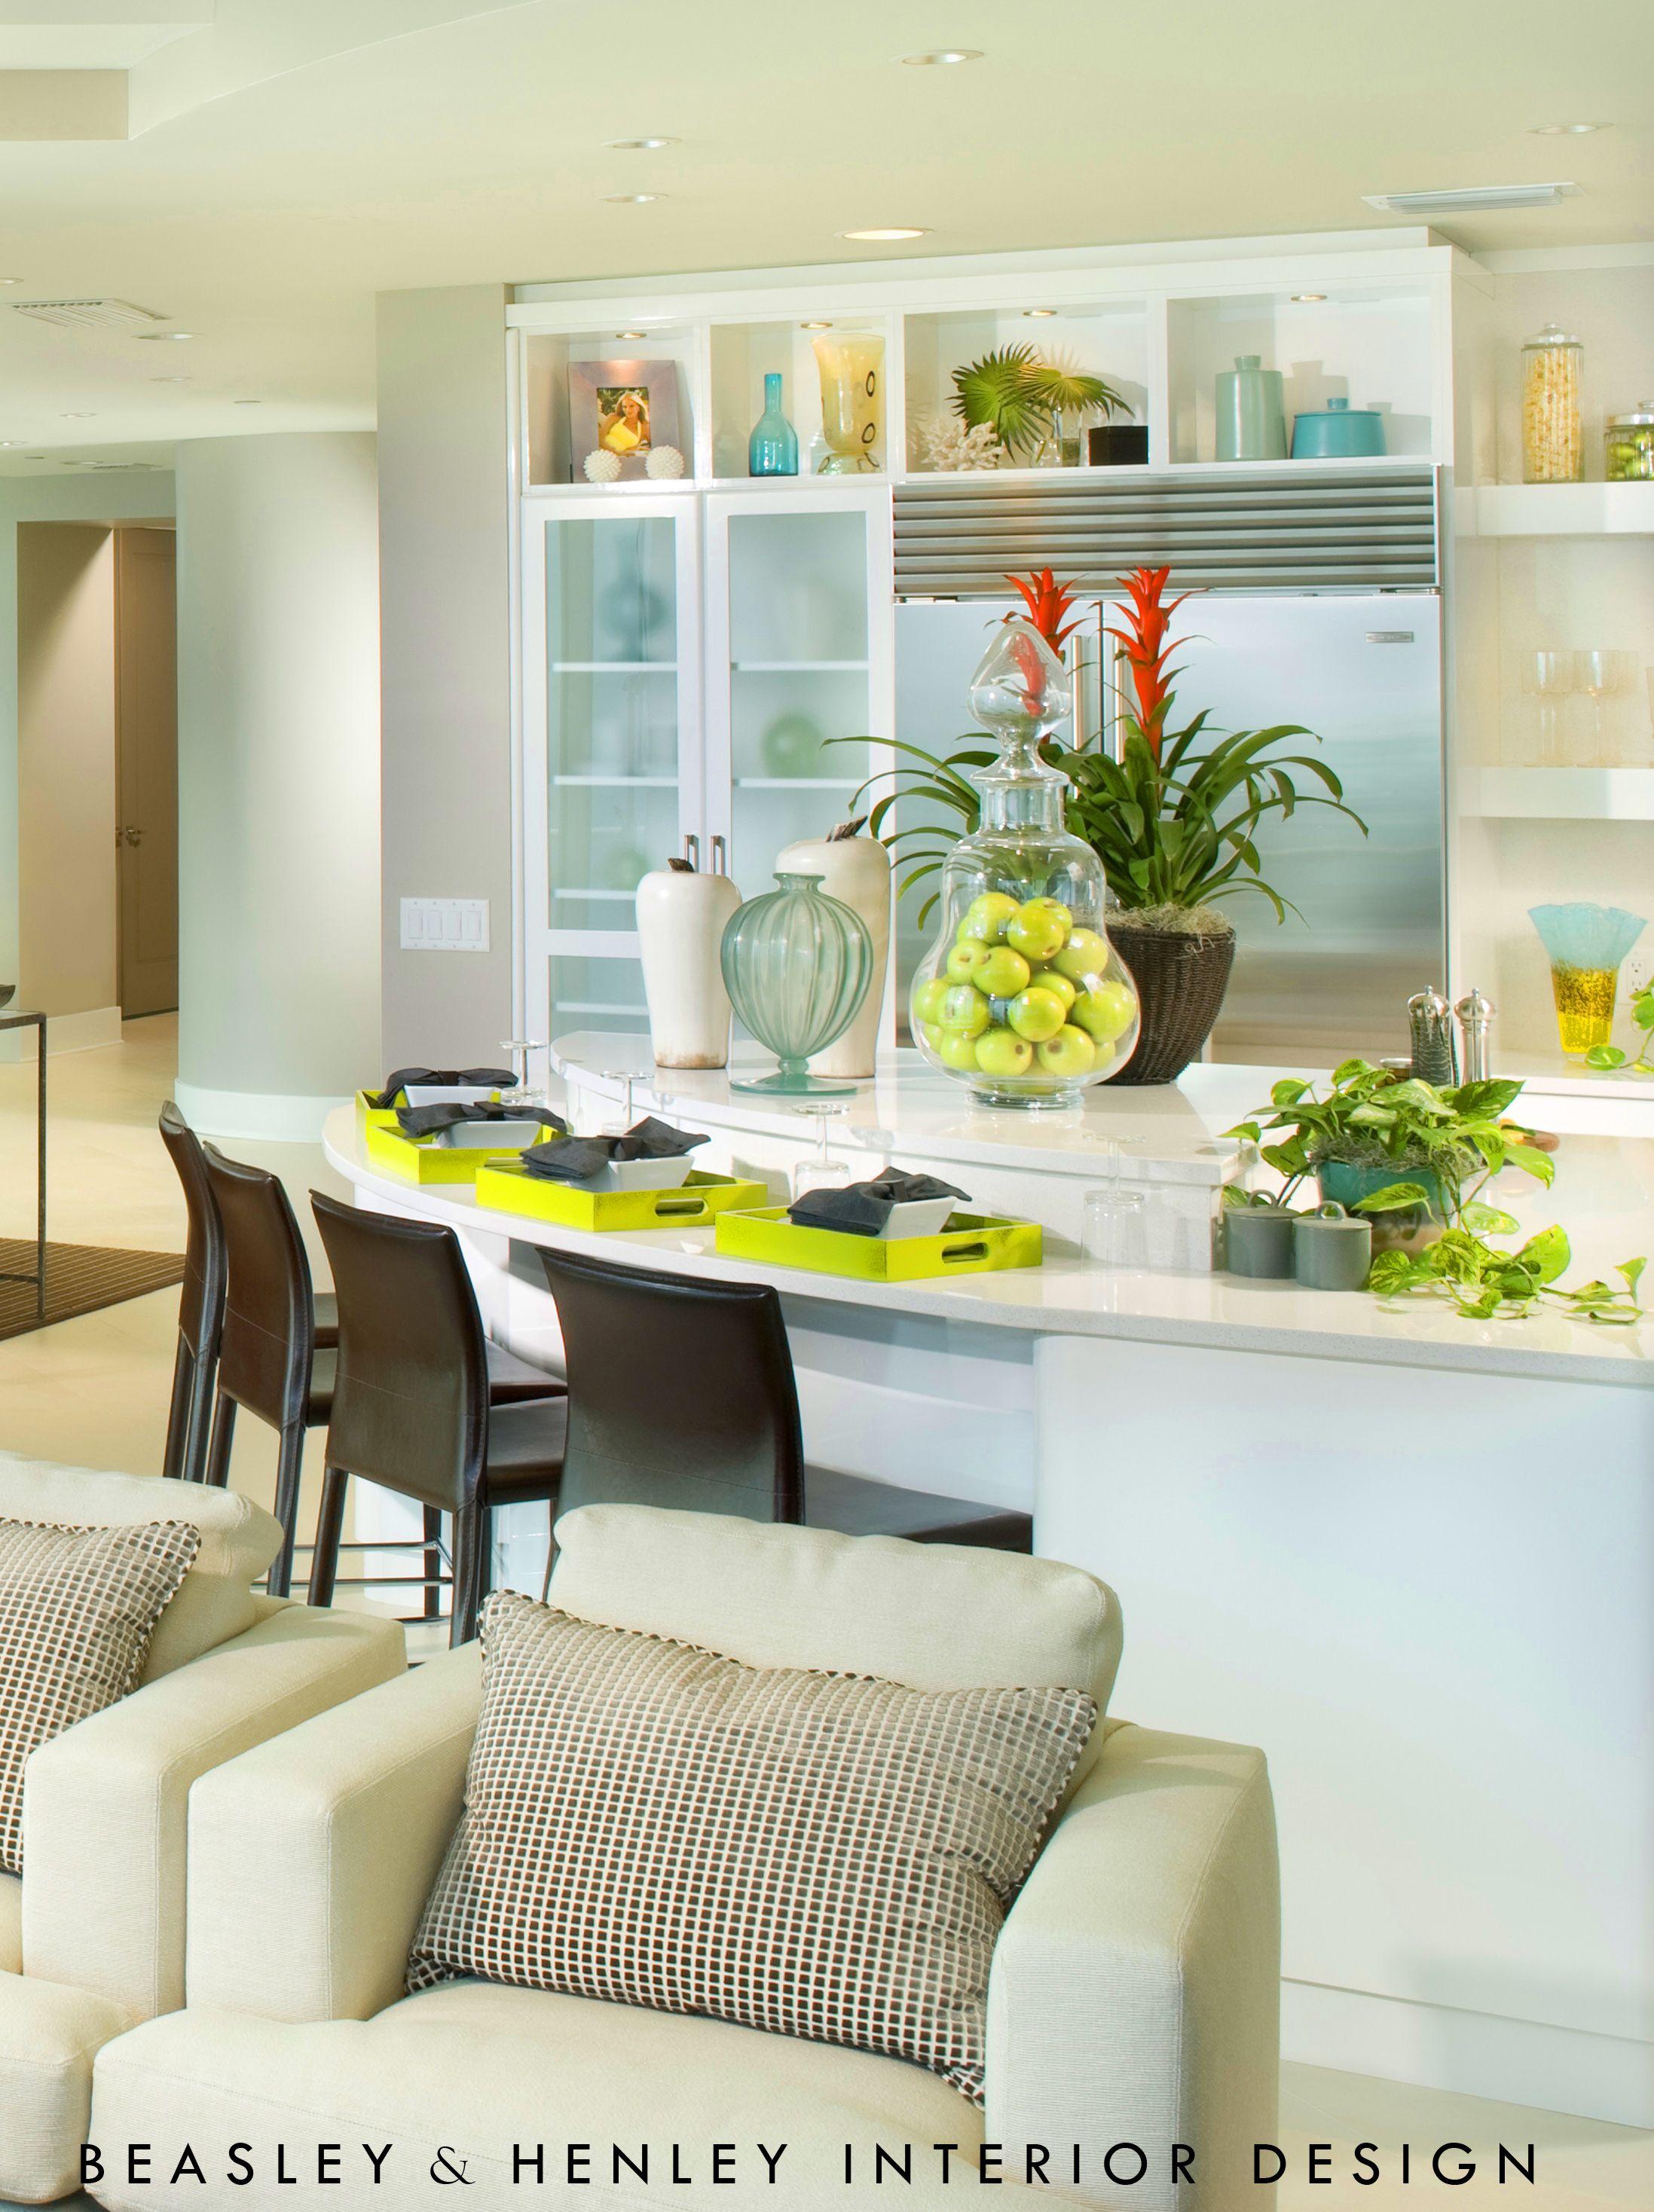 kitchen design naples fl. Kitchen design by Beasley  Henley Interior Design Naples FL